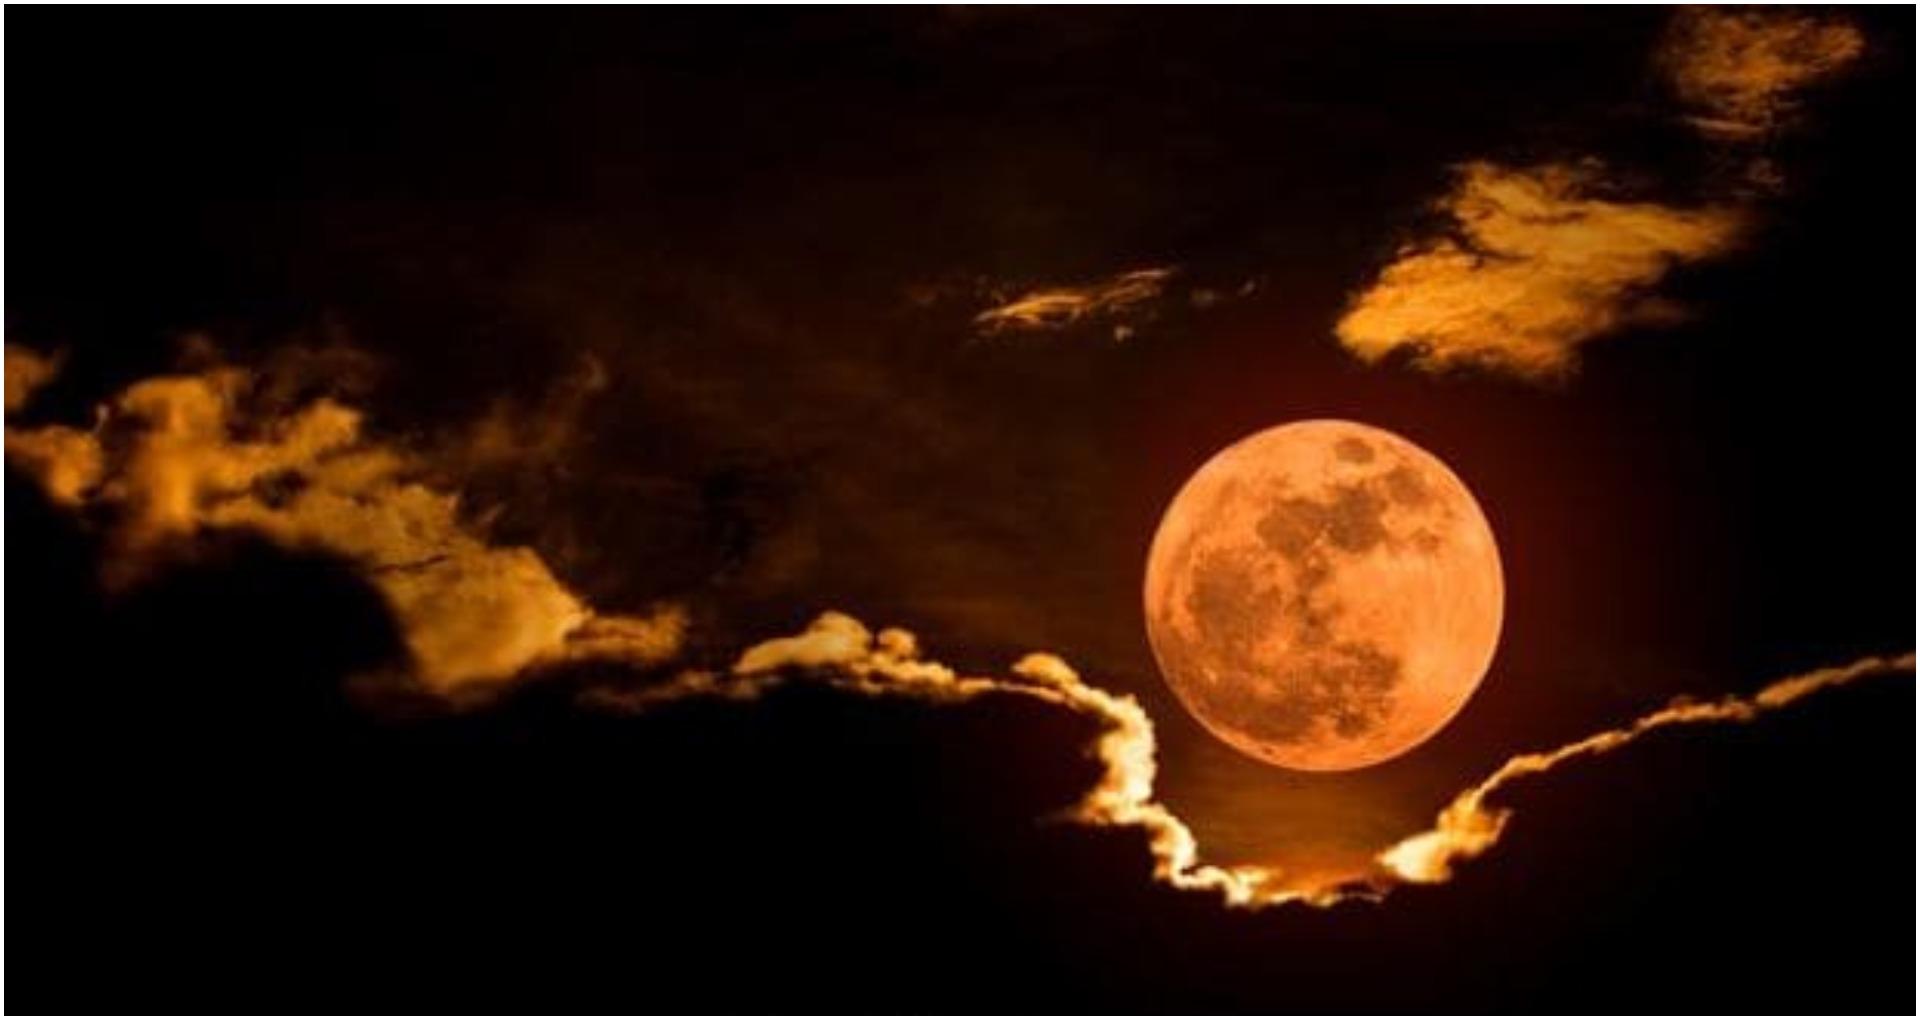 साल 2020 के पहले सूर्य ग्रहण के बारे में ज्योतिषशास्त्रियों ने कही ऐसी बाते, जिसे सुनकर दंग रह जाएंगे आप